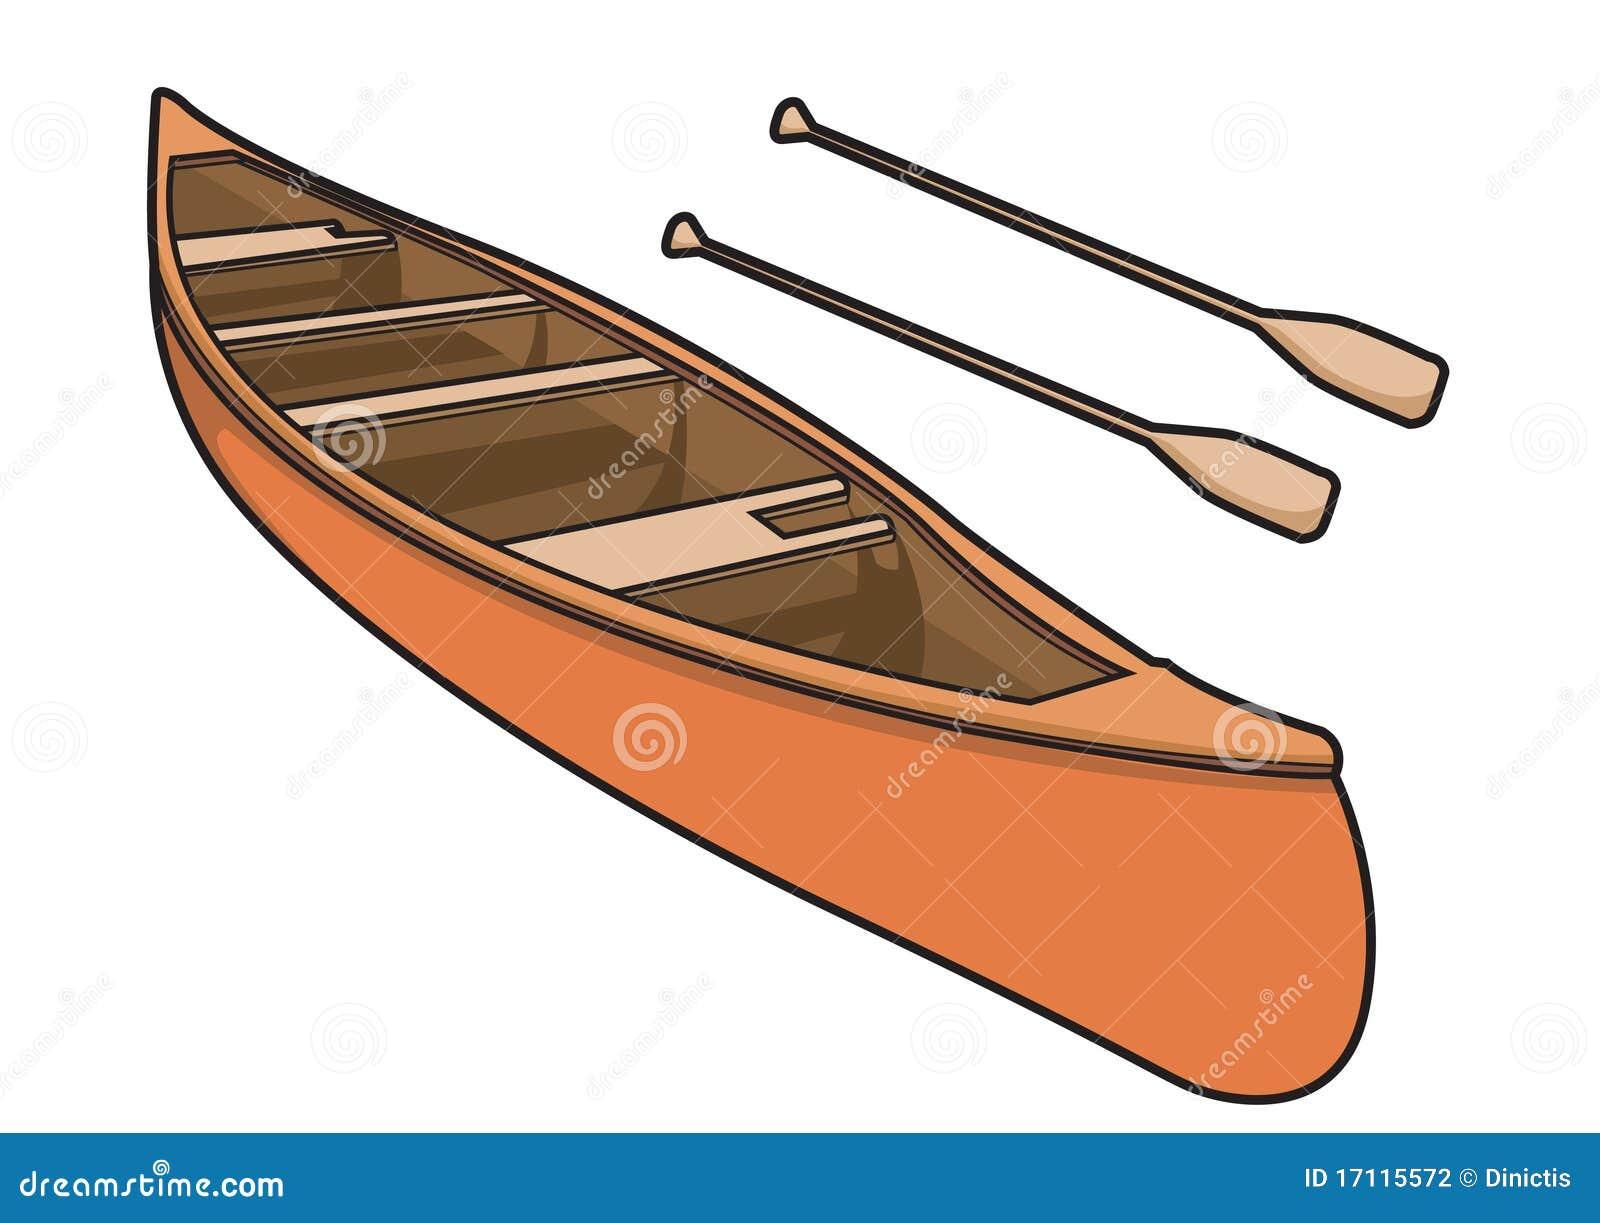 как нарисовать лодку с веслами